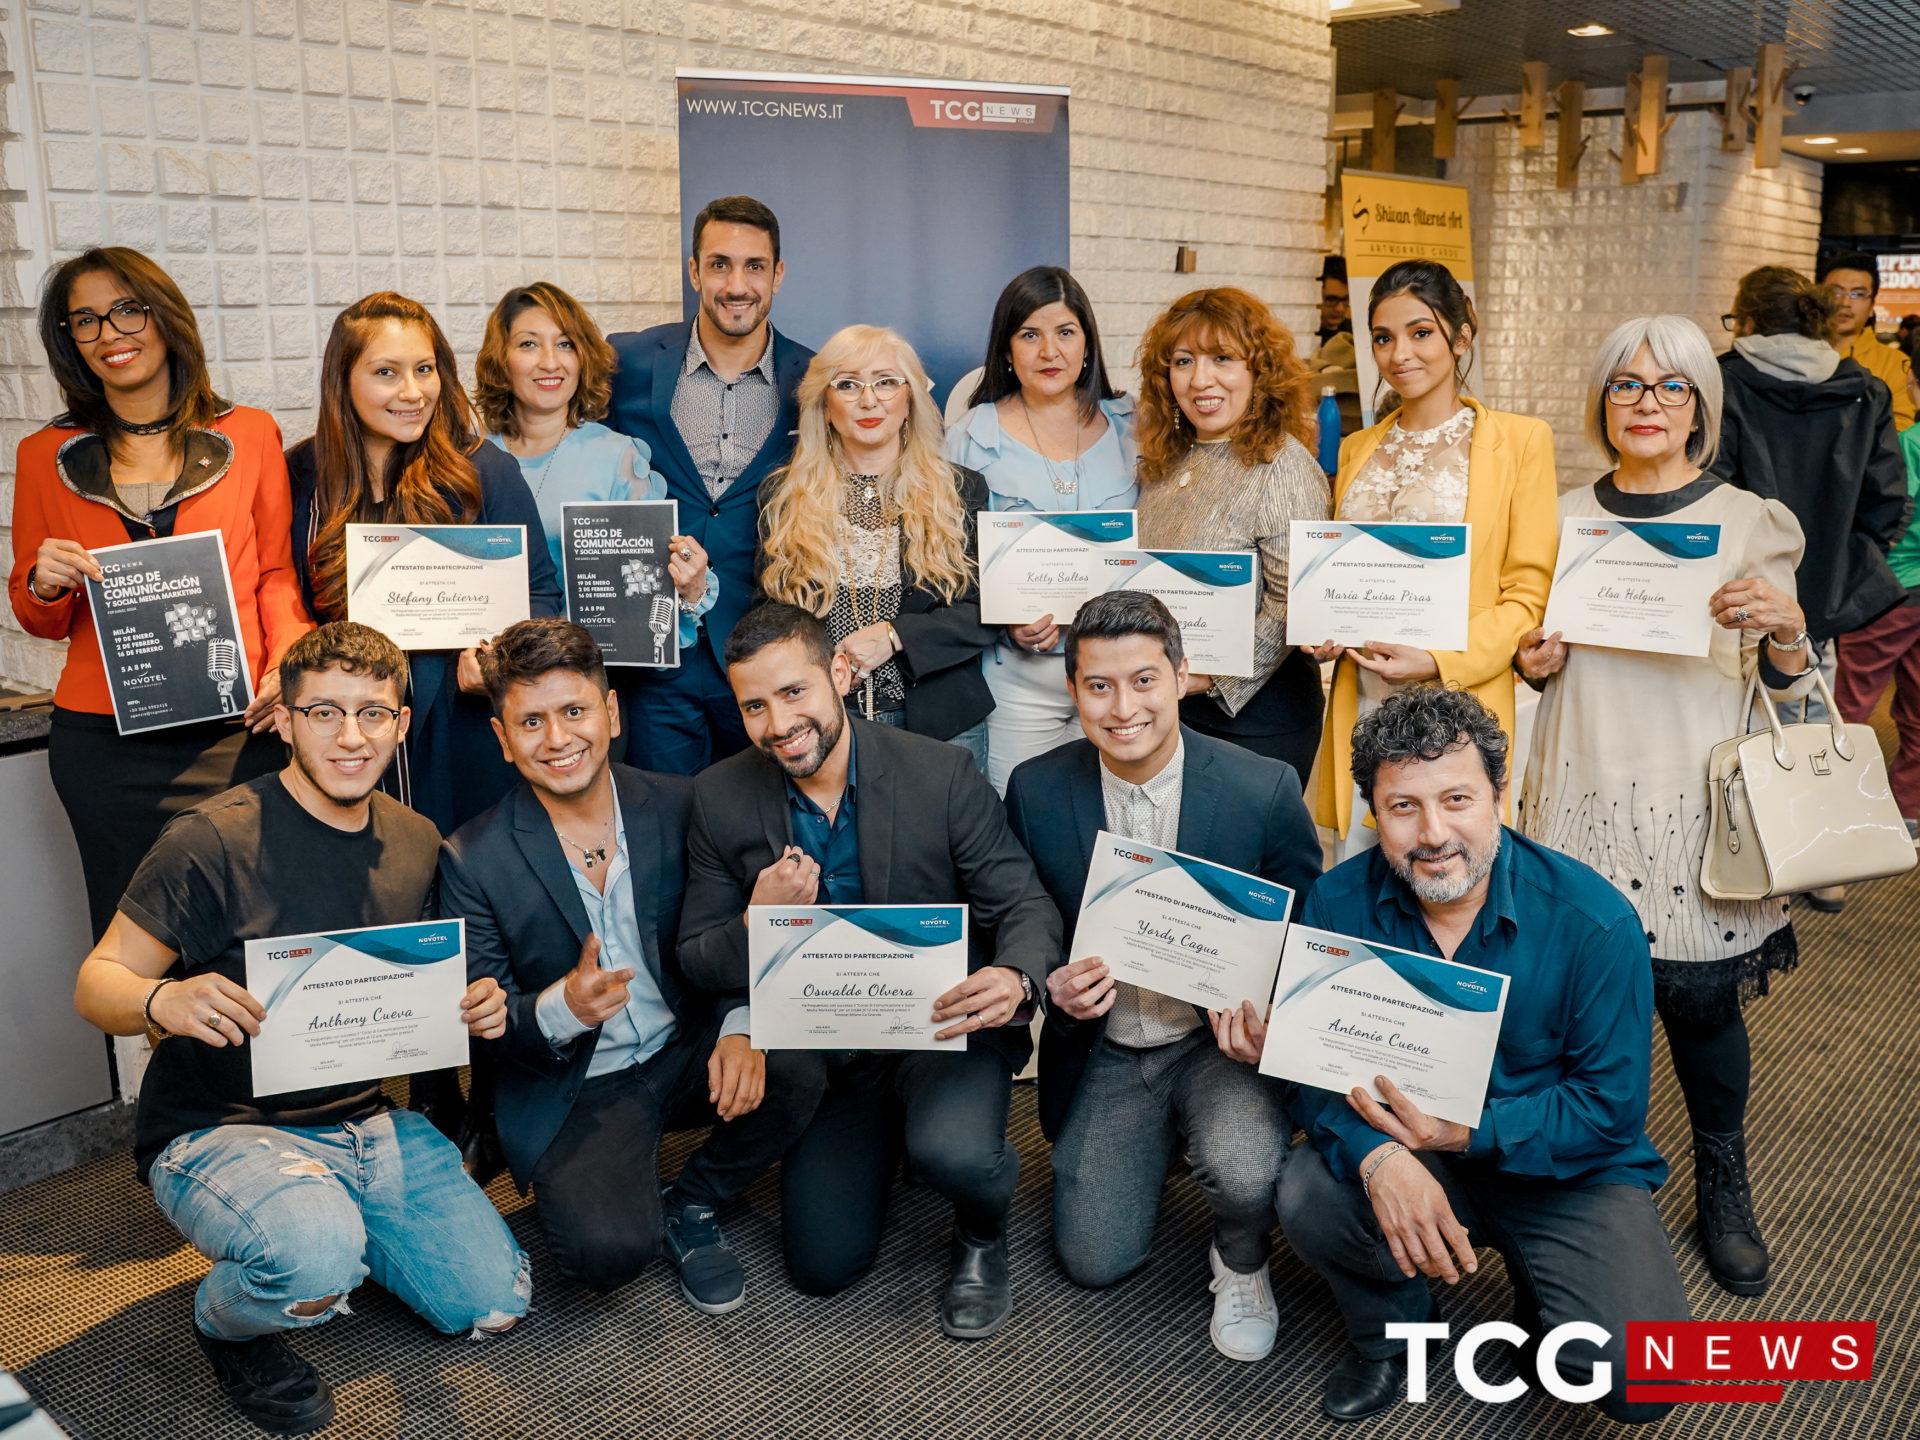 Grande successo per il corso di comunicazione promosso da TCG News Italia